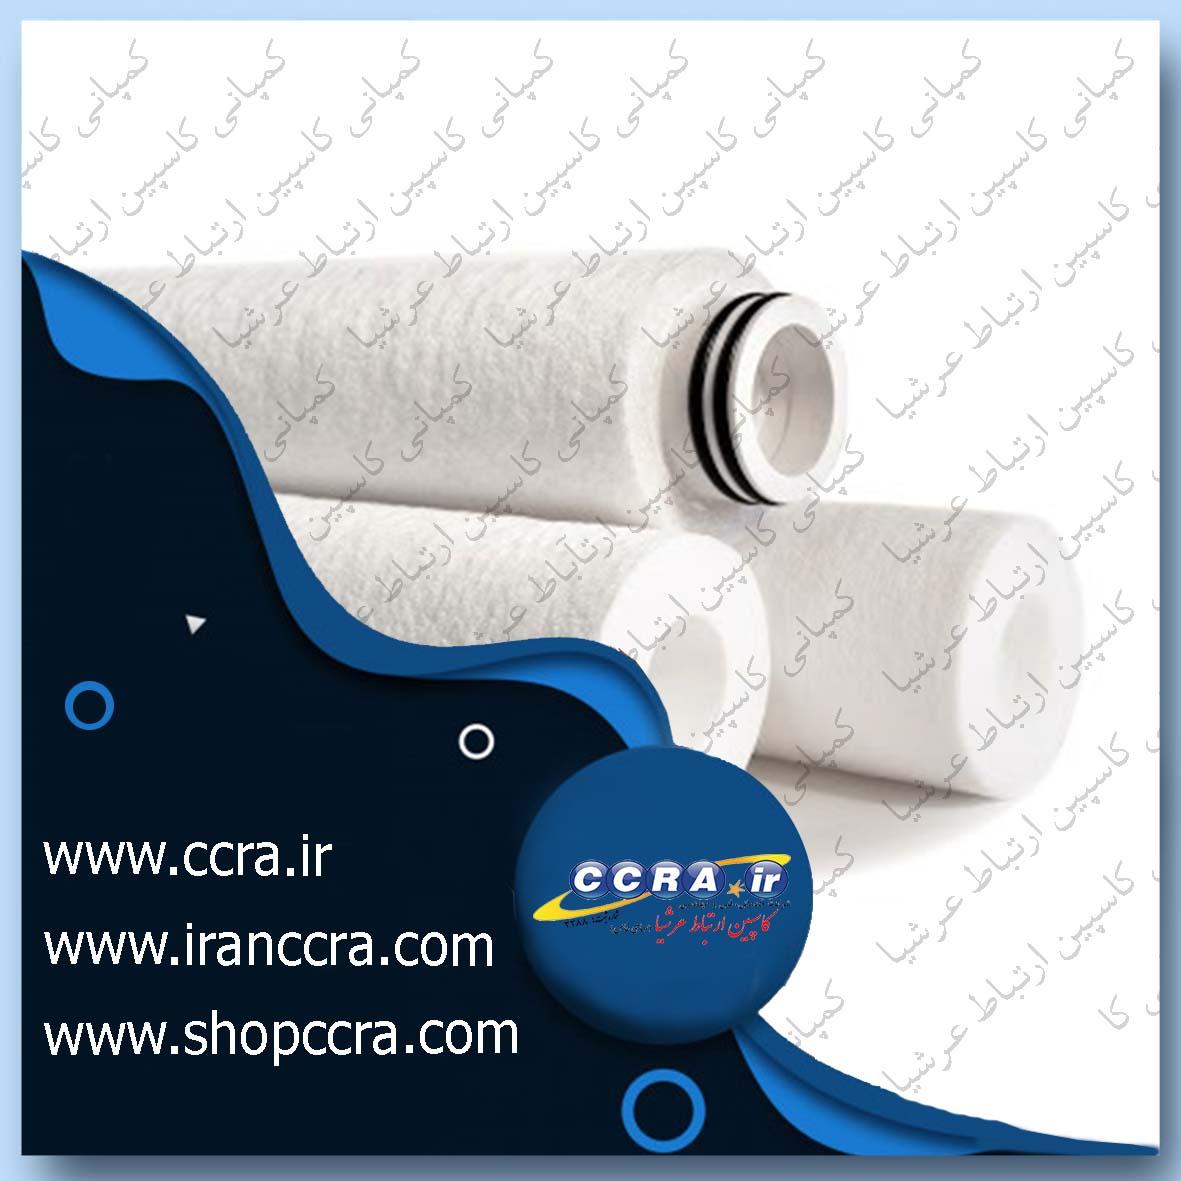 انواع فیلتر الیافی به کار برده شده در دستگاه تصفیه آب خانگی آکوا لایف به لحاظ دقت